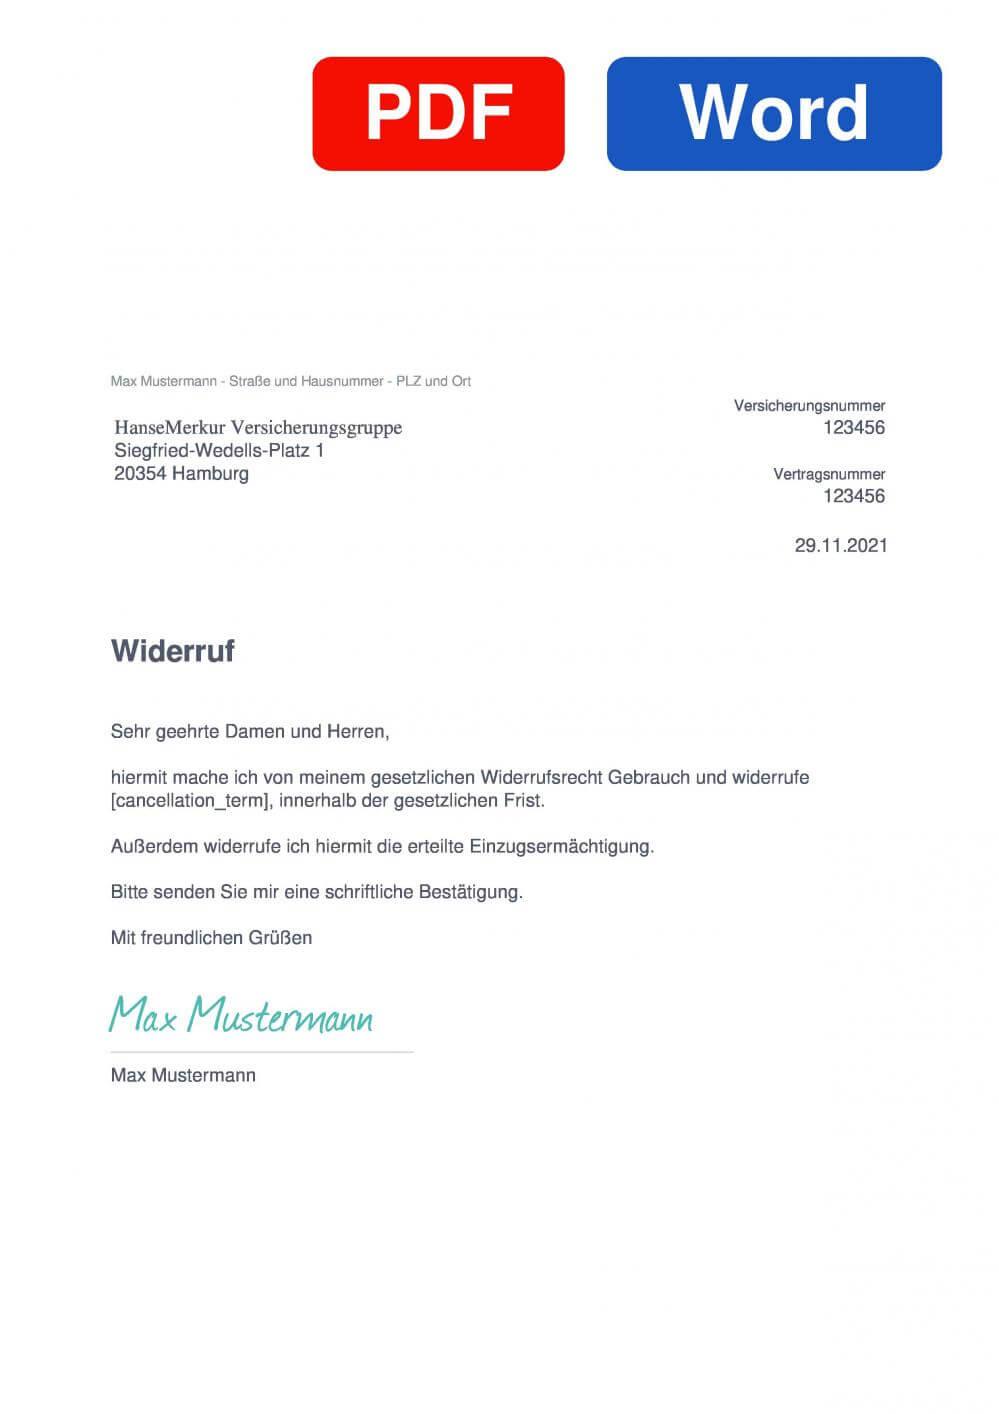 HanseMerkur Muster Vorlage für Wiederrufsschreiben